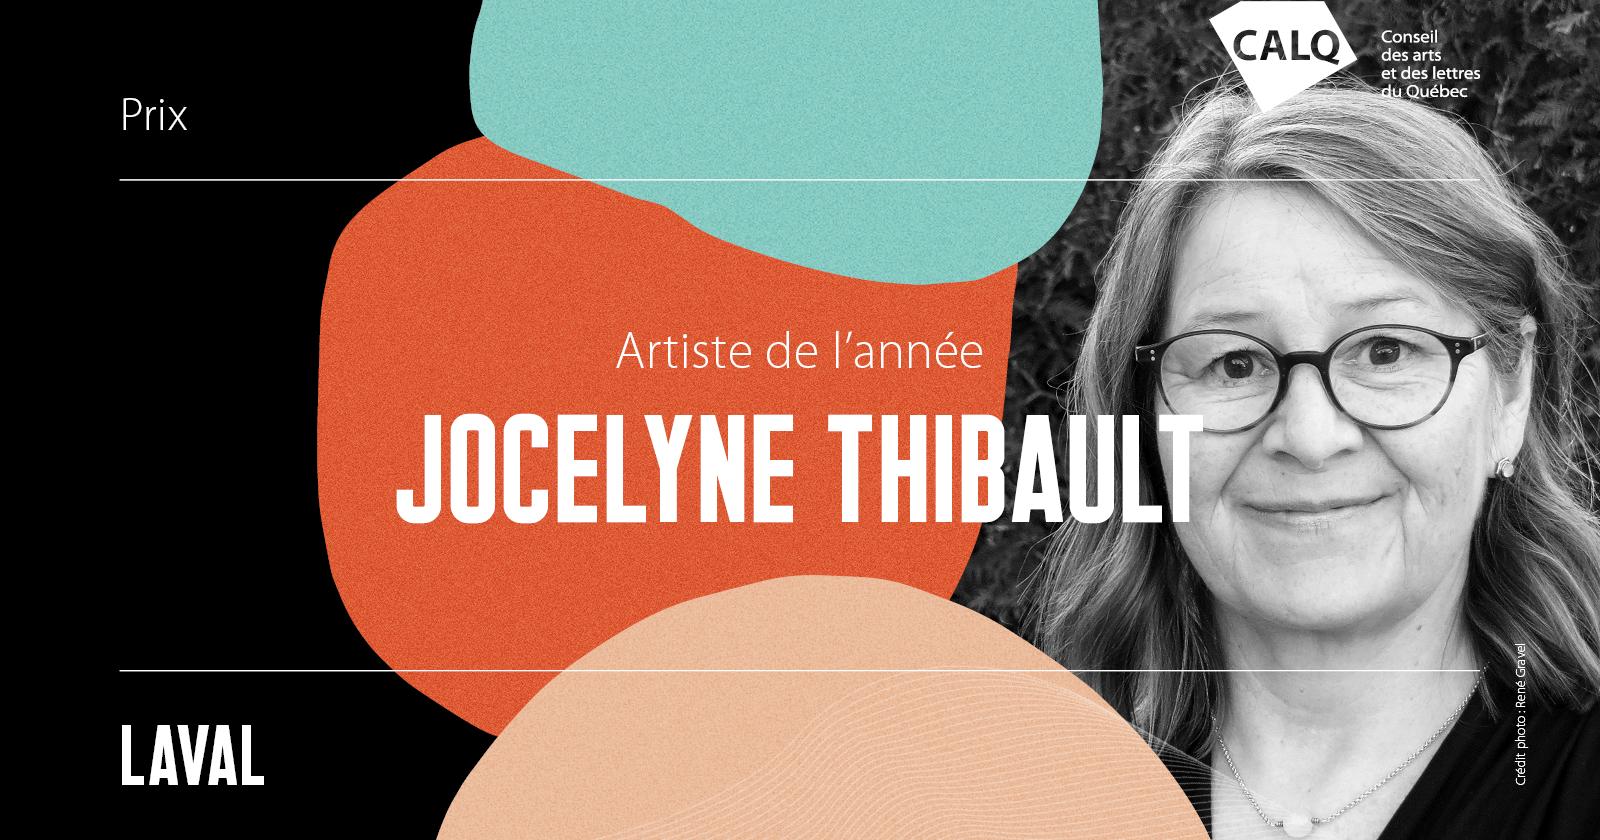 Jocelyne Thibault reçoit le Prix du CALQ – Artiste de l'année à Laval